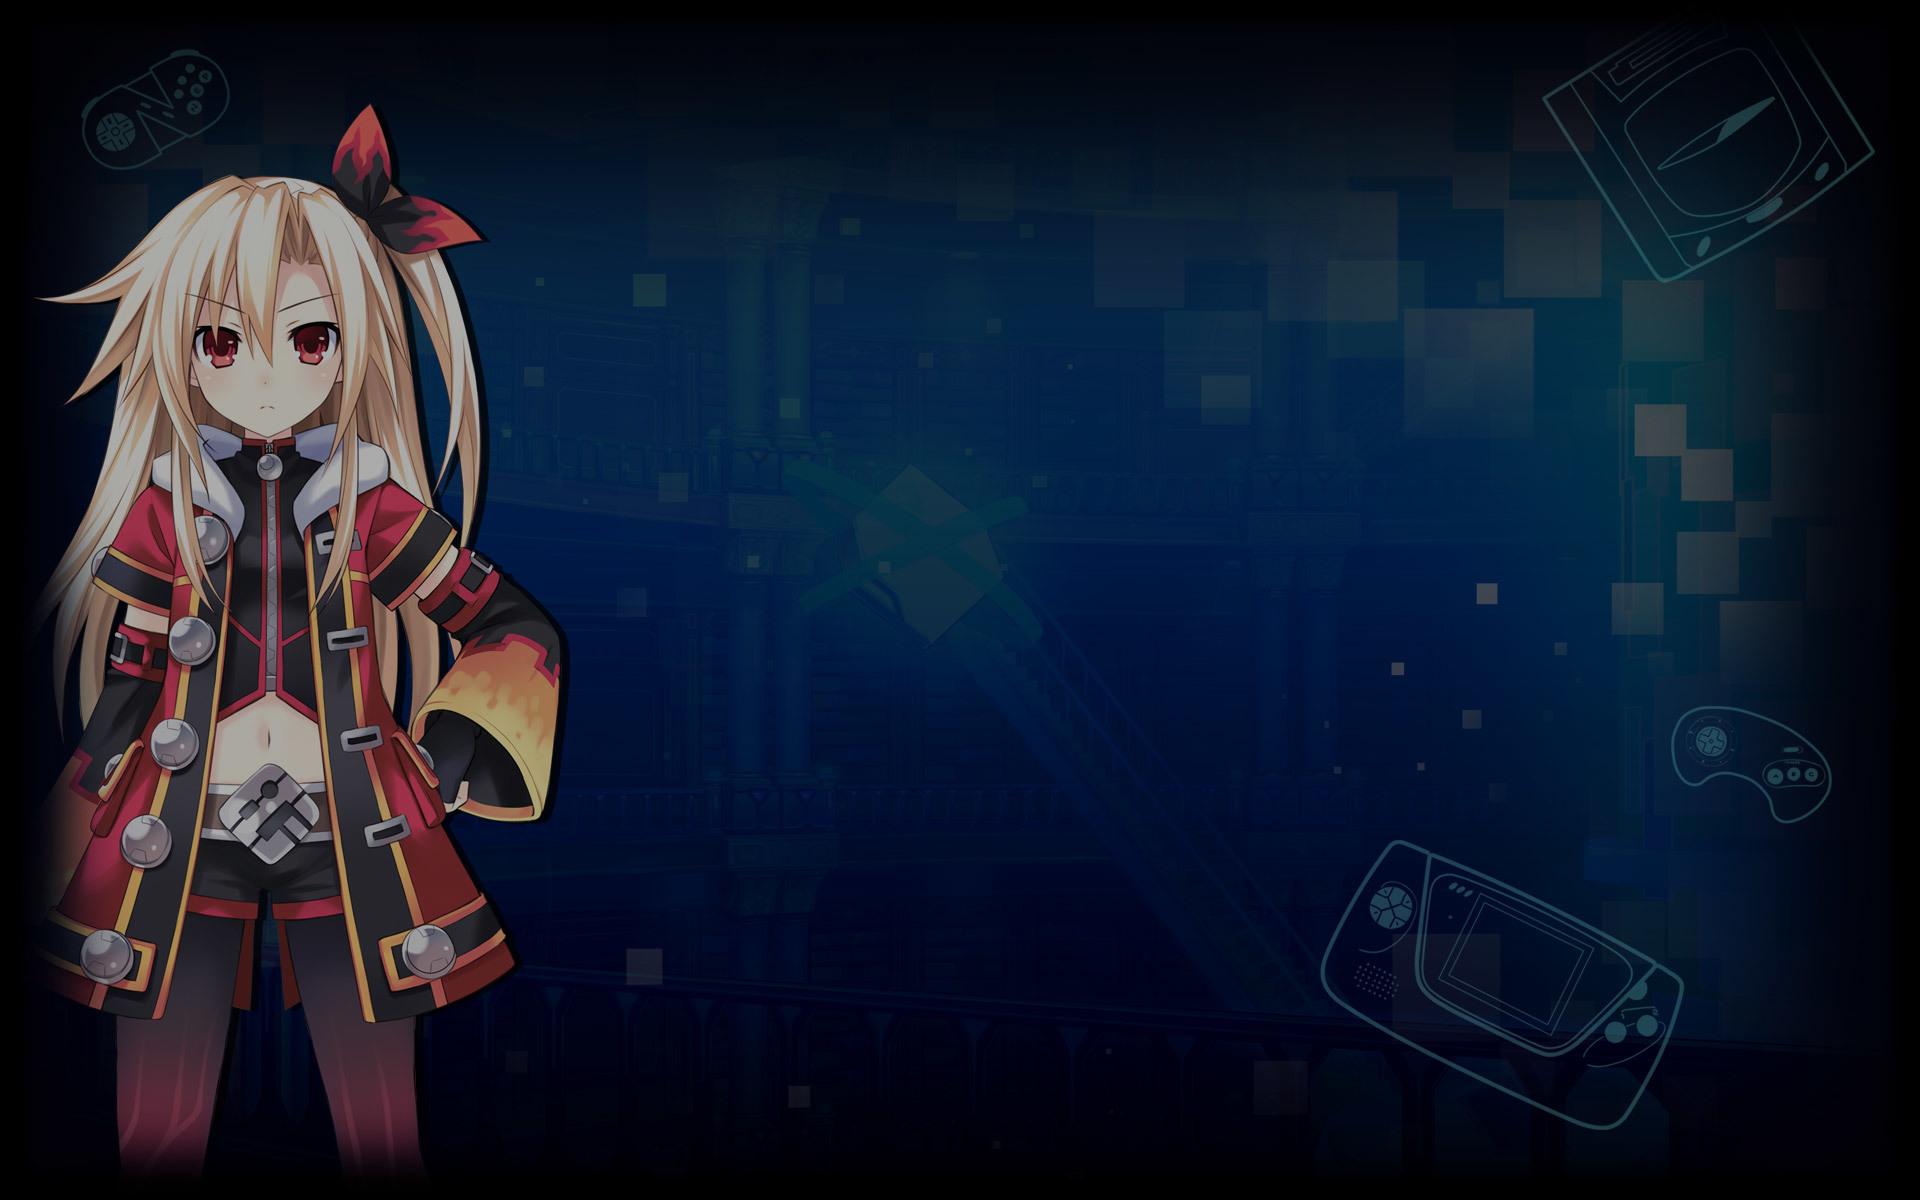 Superdimension Neptune vs SEGA Hard Girls Wallpaper 003 – Flame Awakening IF